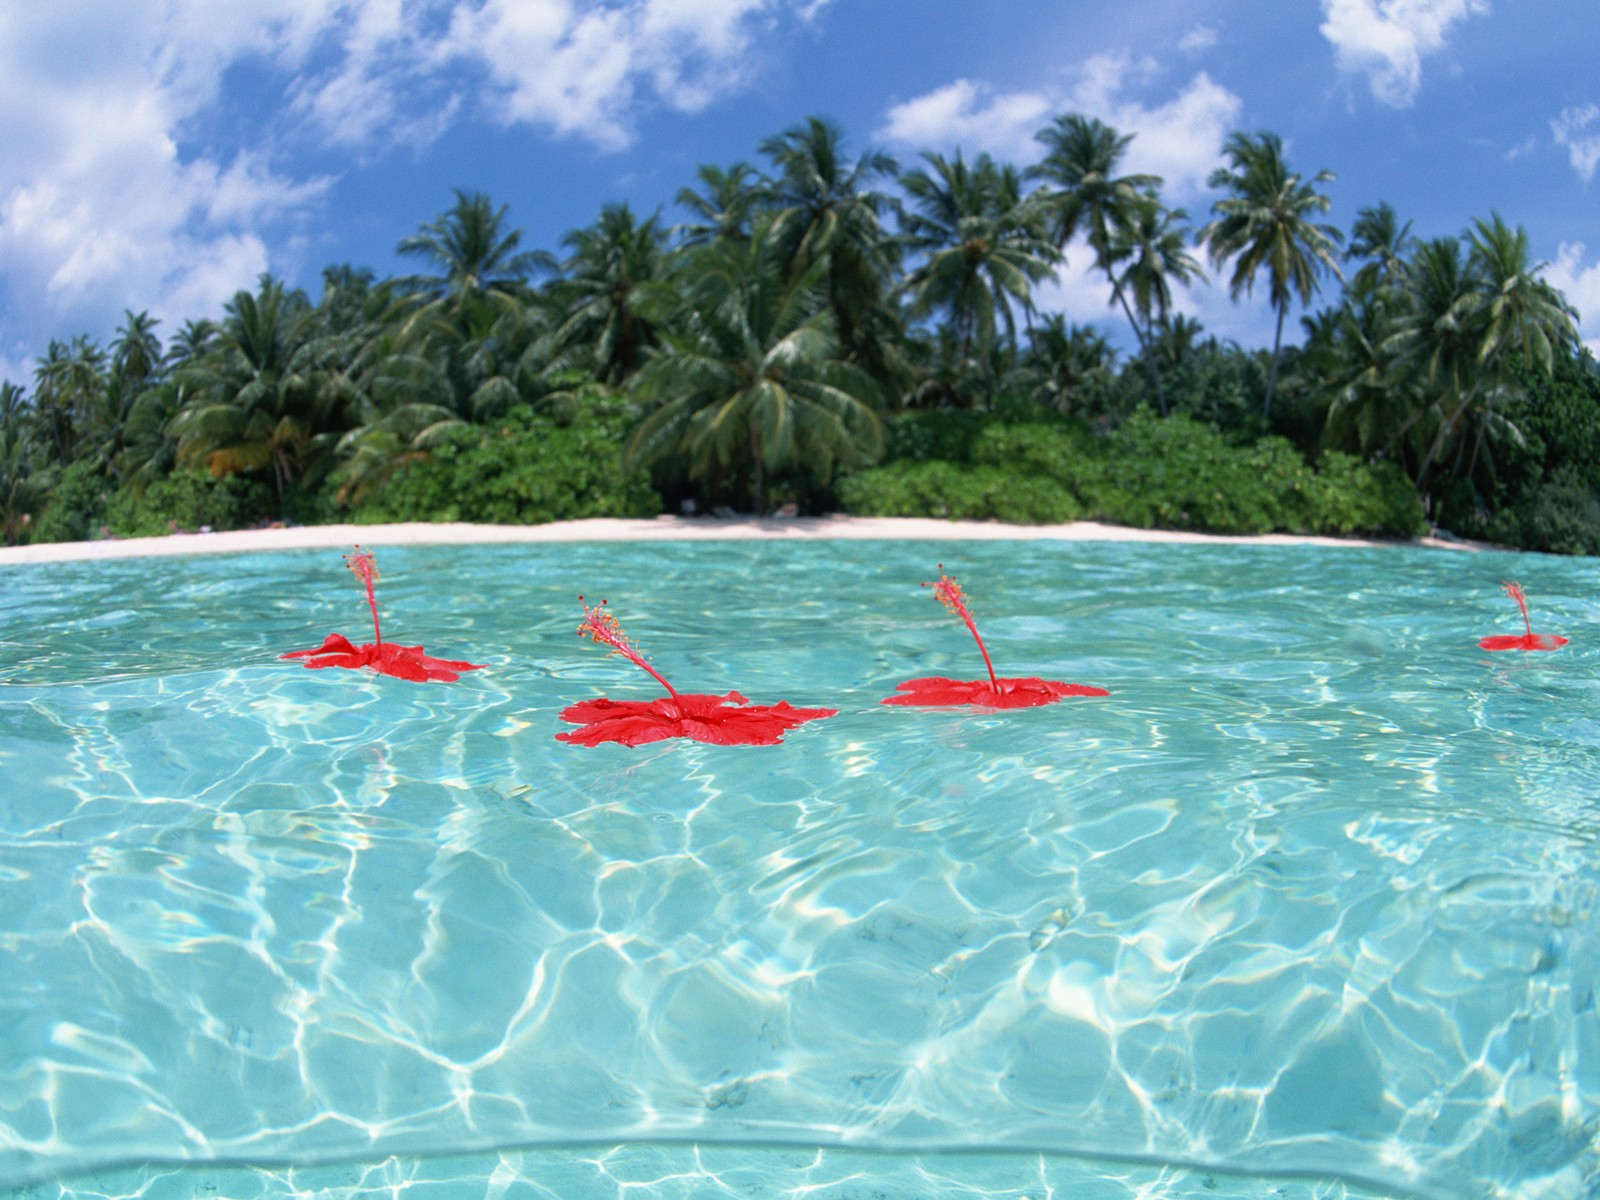 Обои на рабочий стол Мальдивские острова